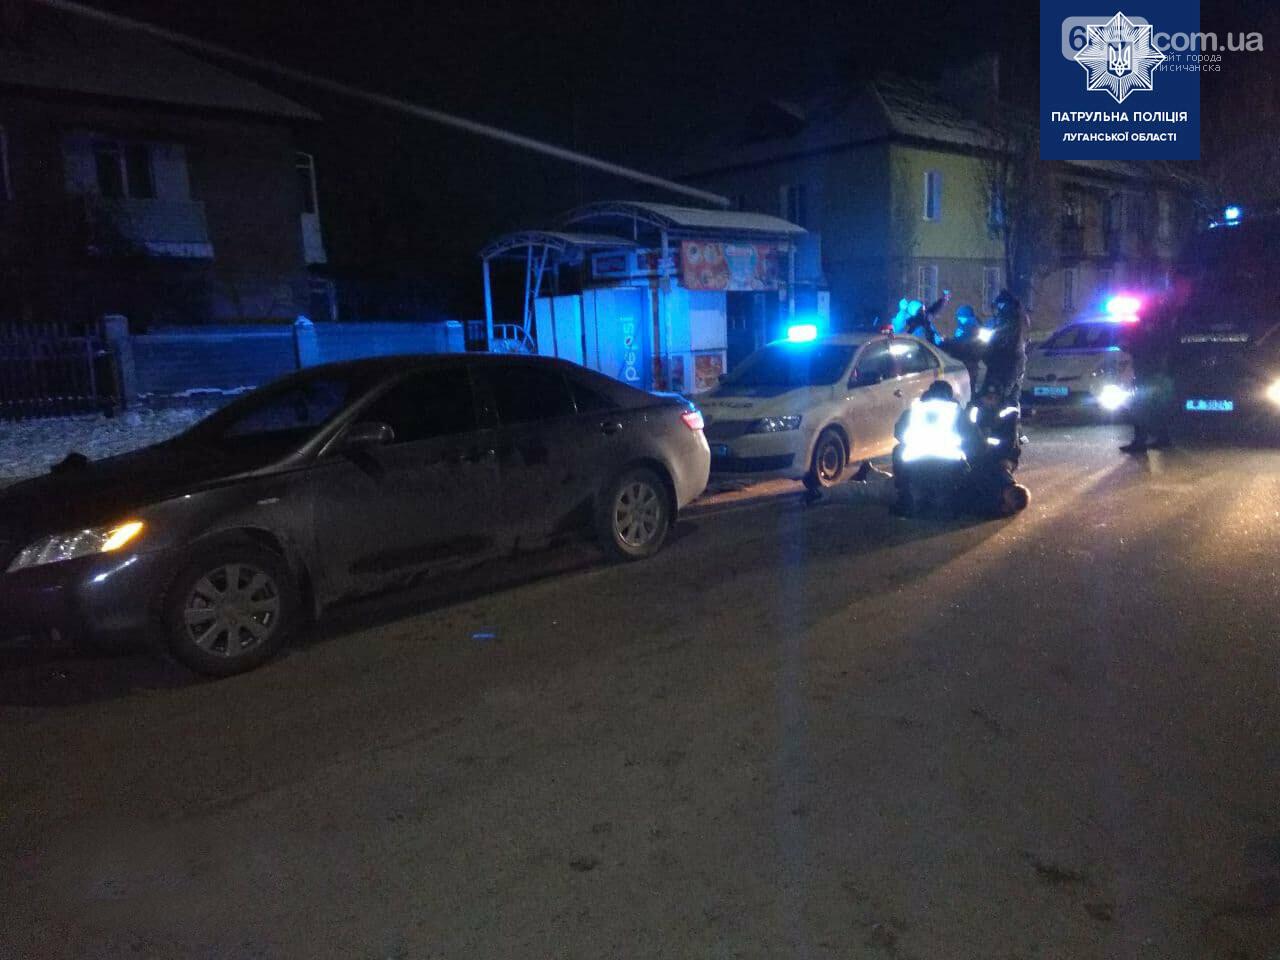 В Рубежном нетрезвый водитель угрожал полицейским, фото-1, Патрульная полиция Луганской области